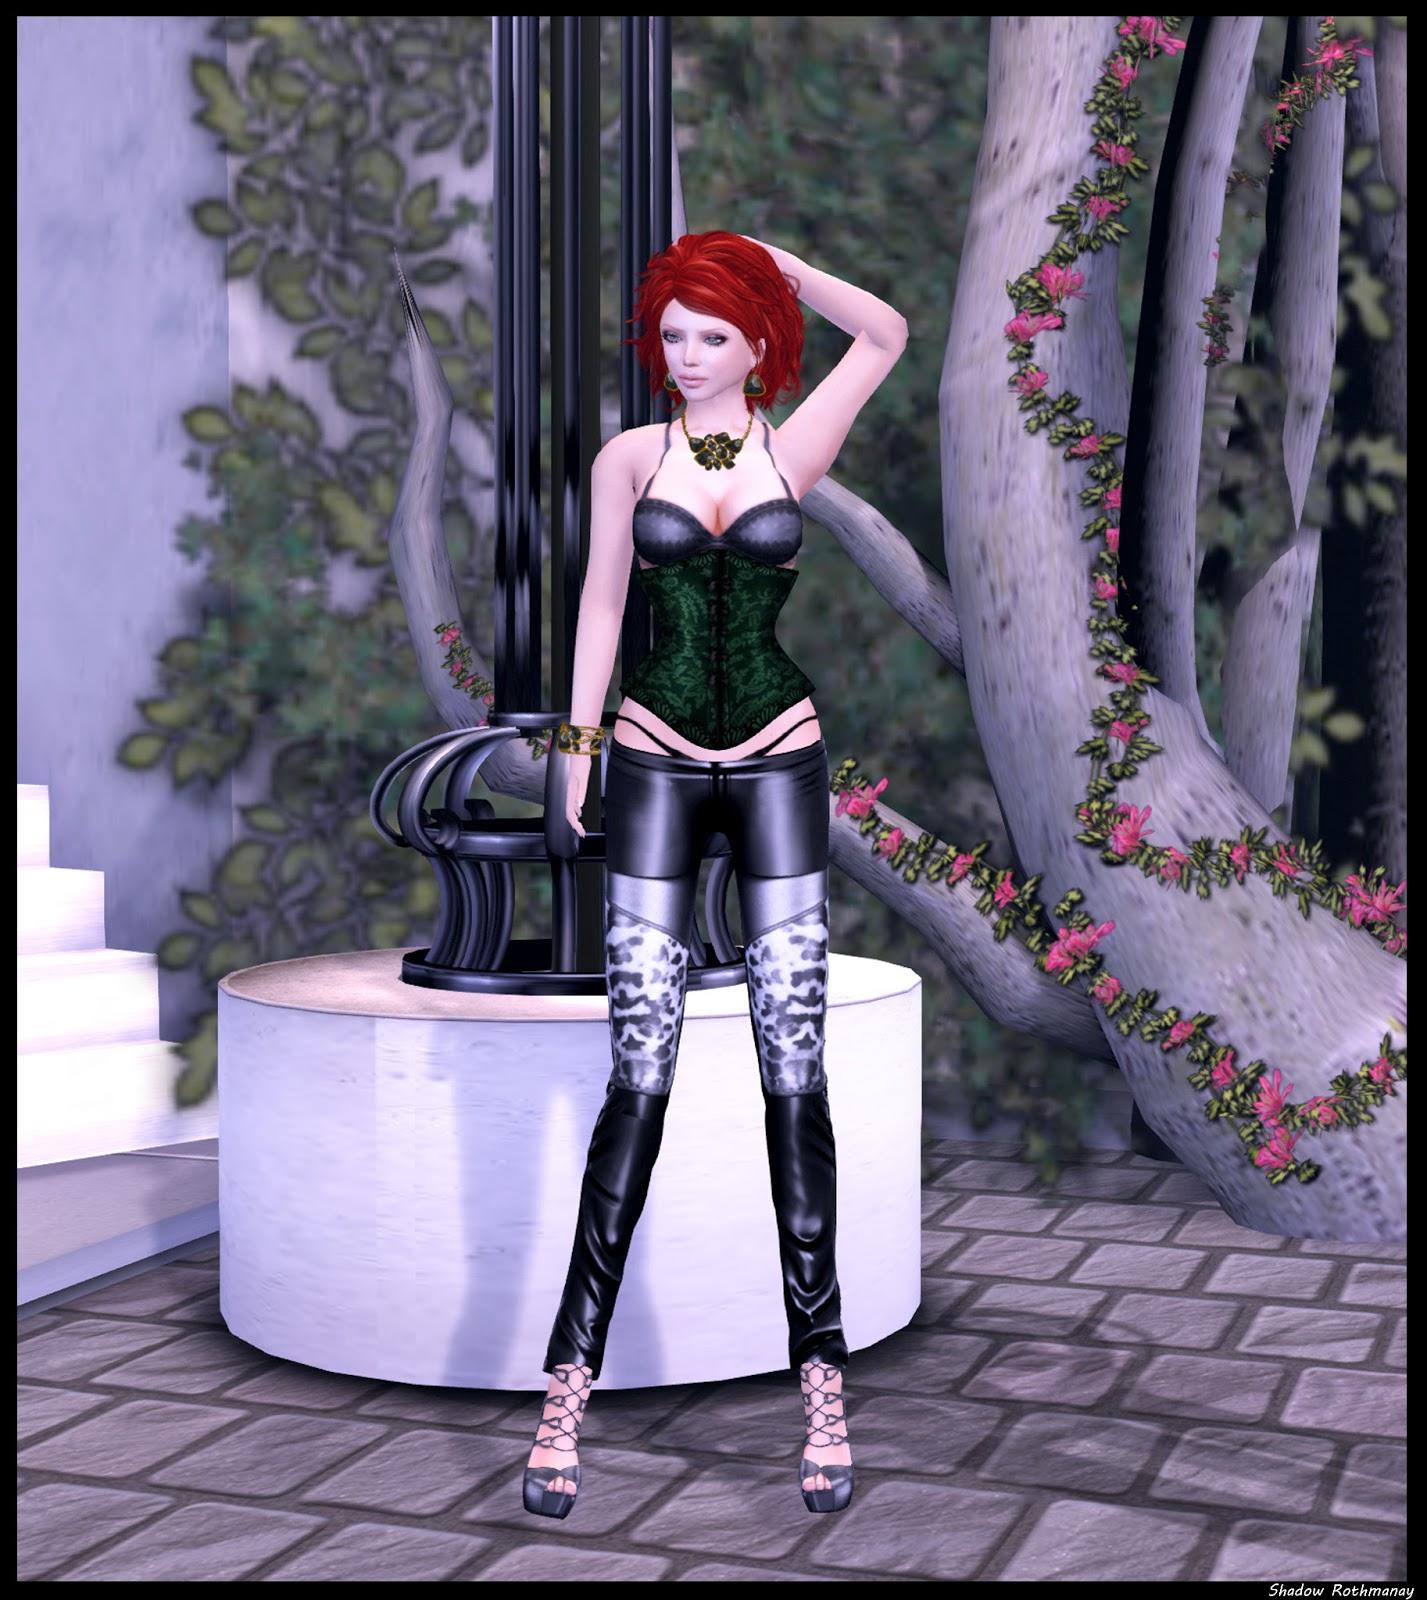 http://1.bp.blogspot.com/-EjA4T01wHTs/UWQLAomlxsI/AAAAAAAADTY/8_DybBFHZ8U/s1600/09042013HelaMiyoFashionBlogger1FUSION.jpg